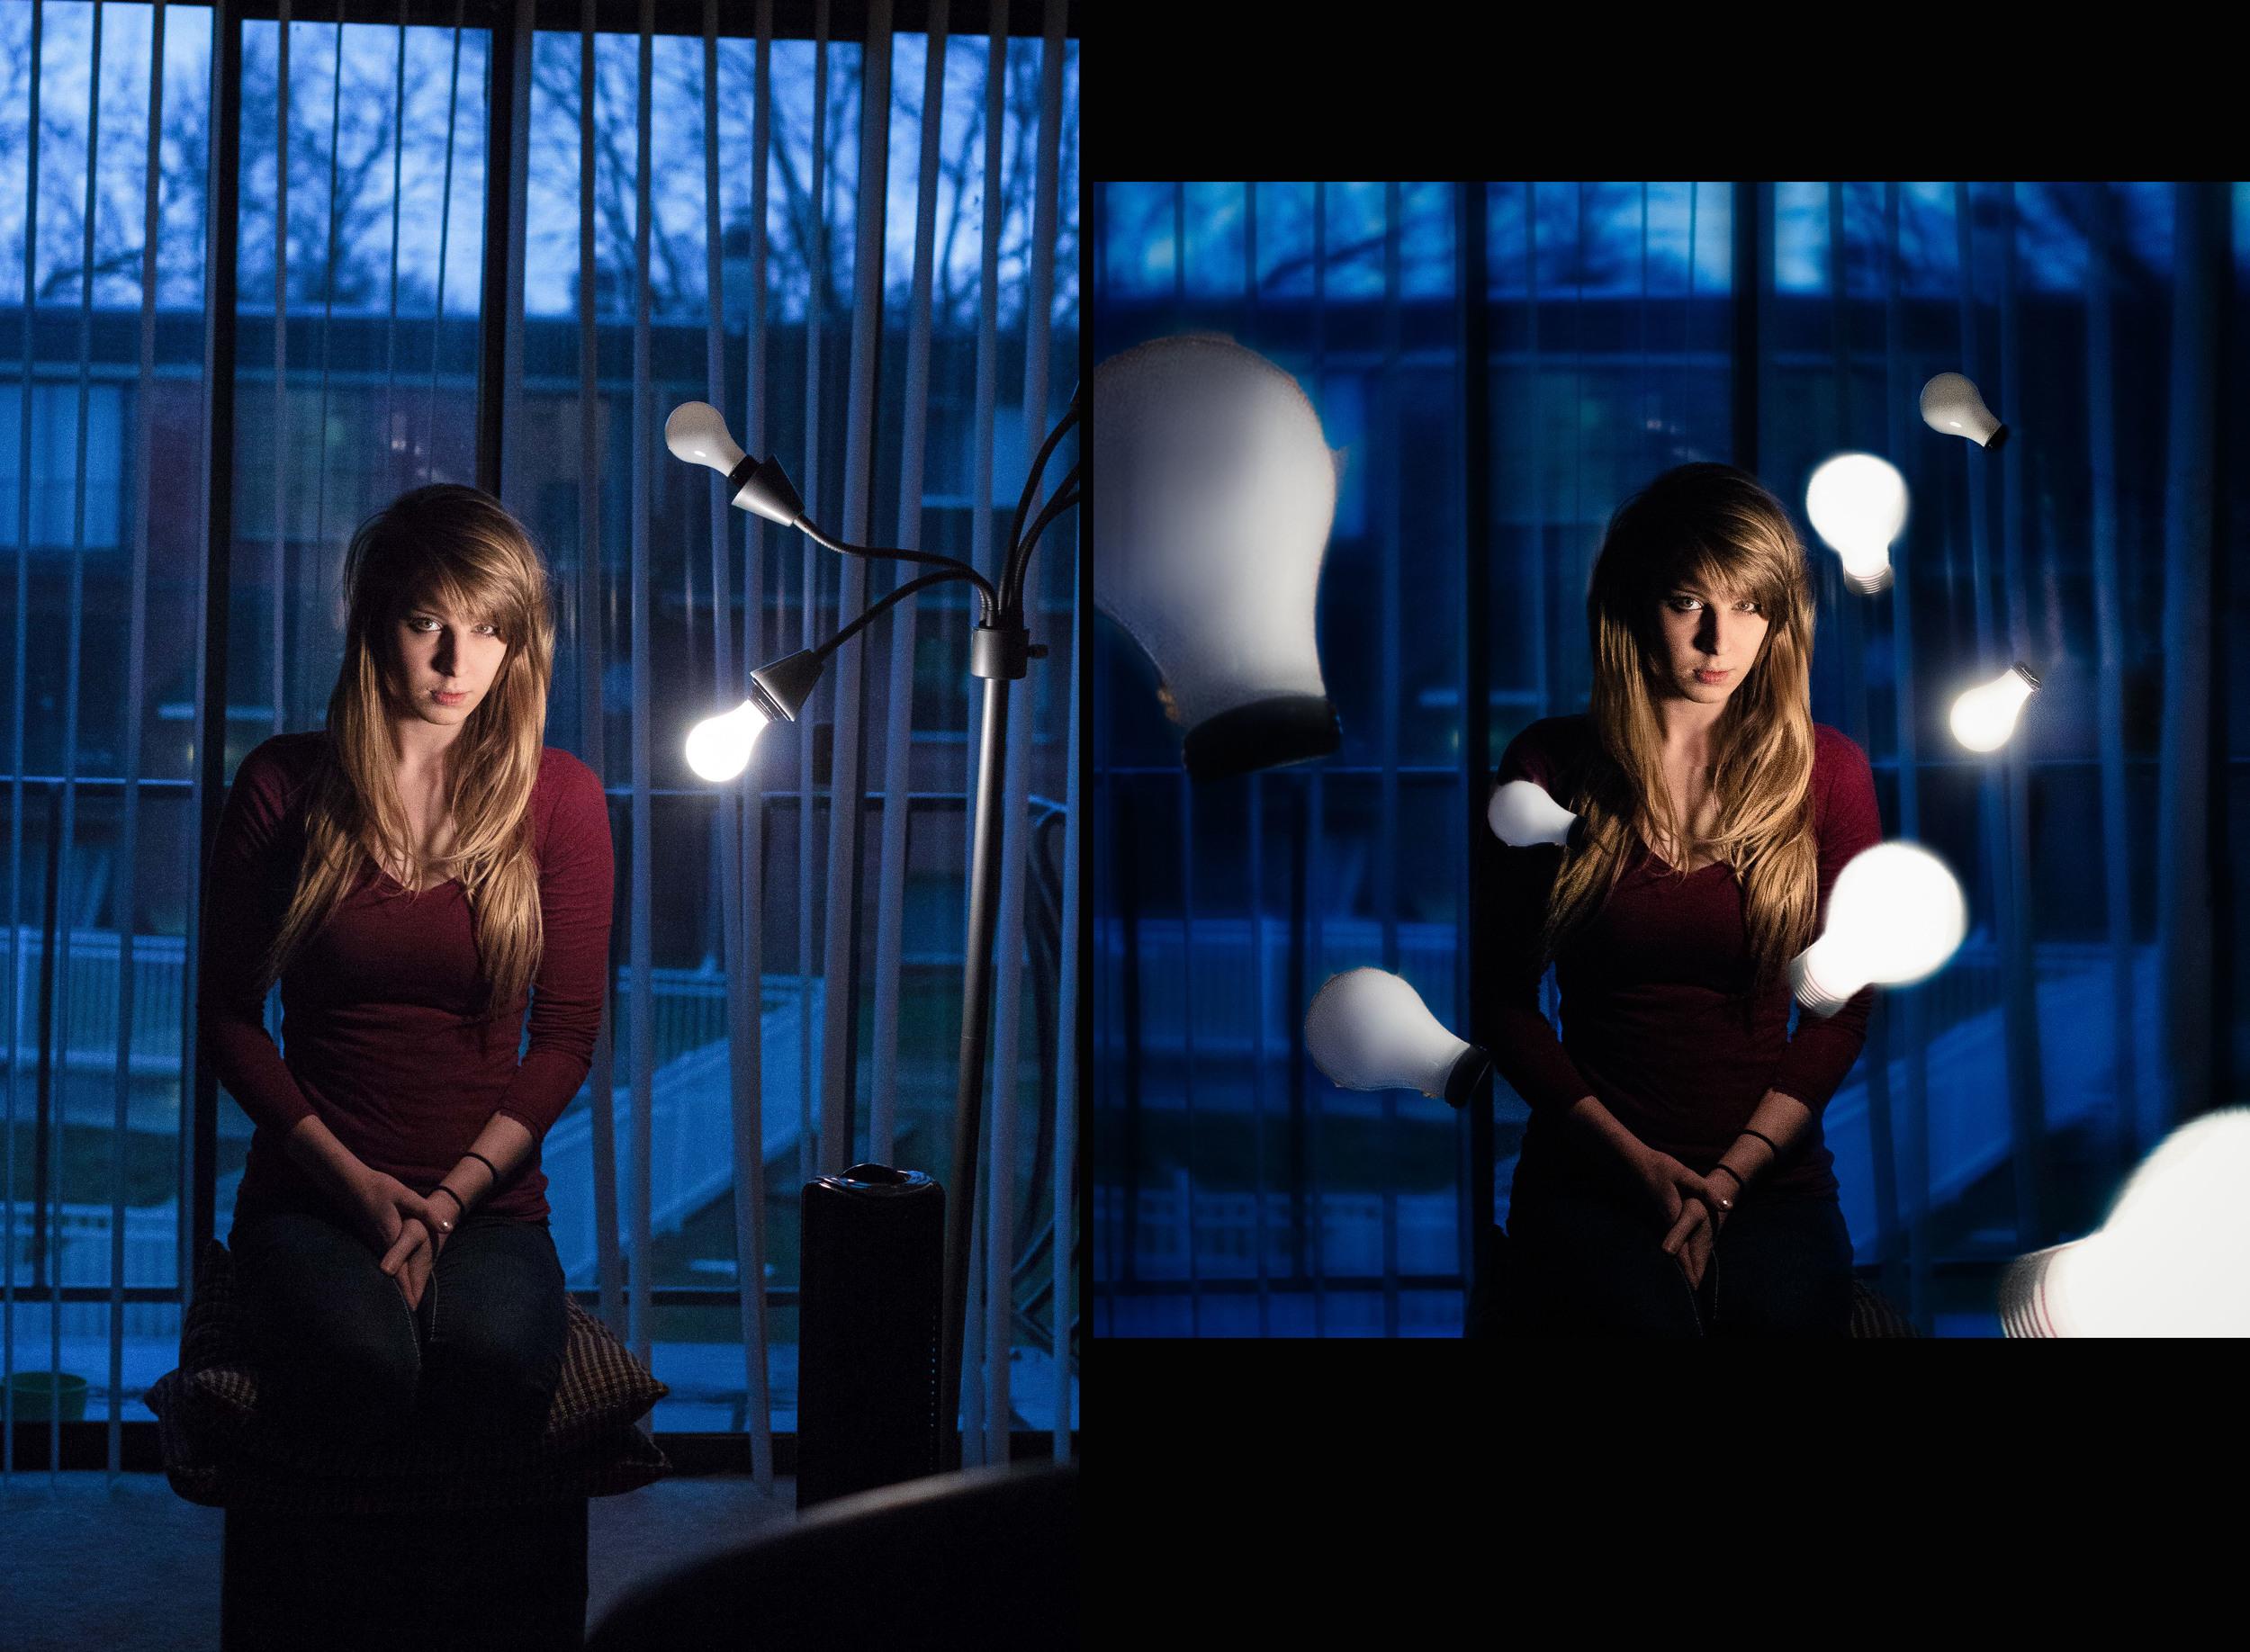 emily wilson photography light bulbs (1).jpg